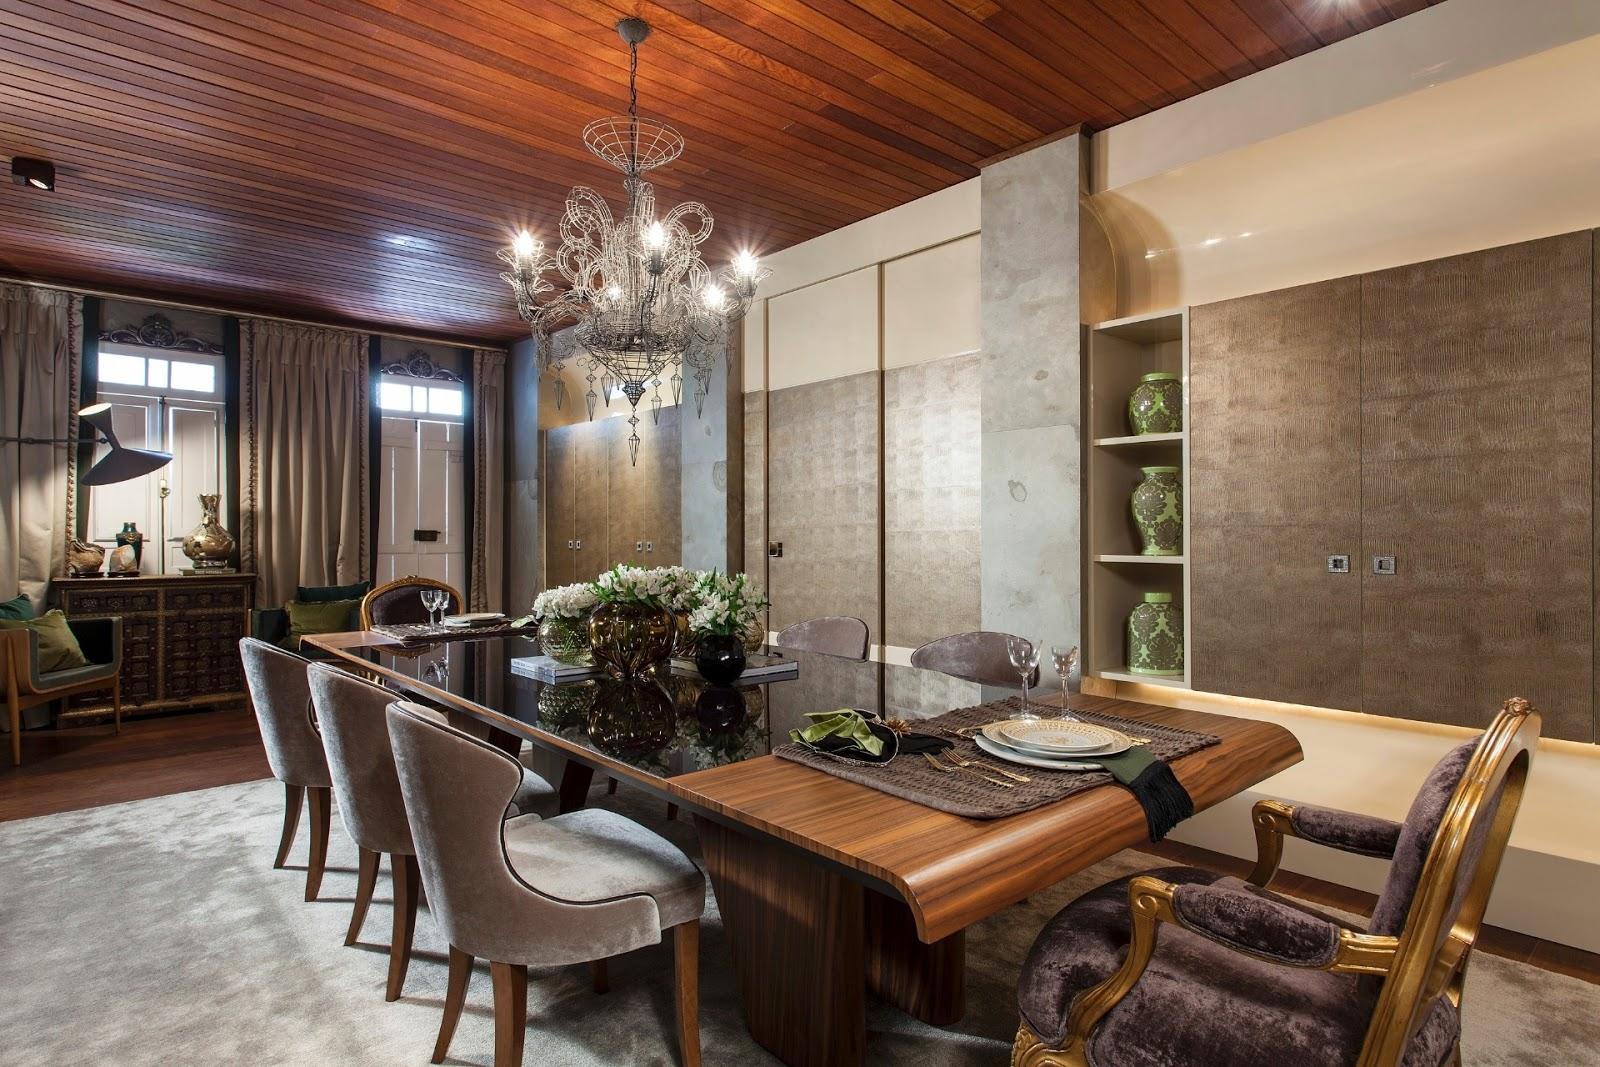 Salas de jantar com cadeiras clássicas – veja modelos lindos com  #A64D25 1600x1067